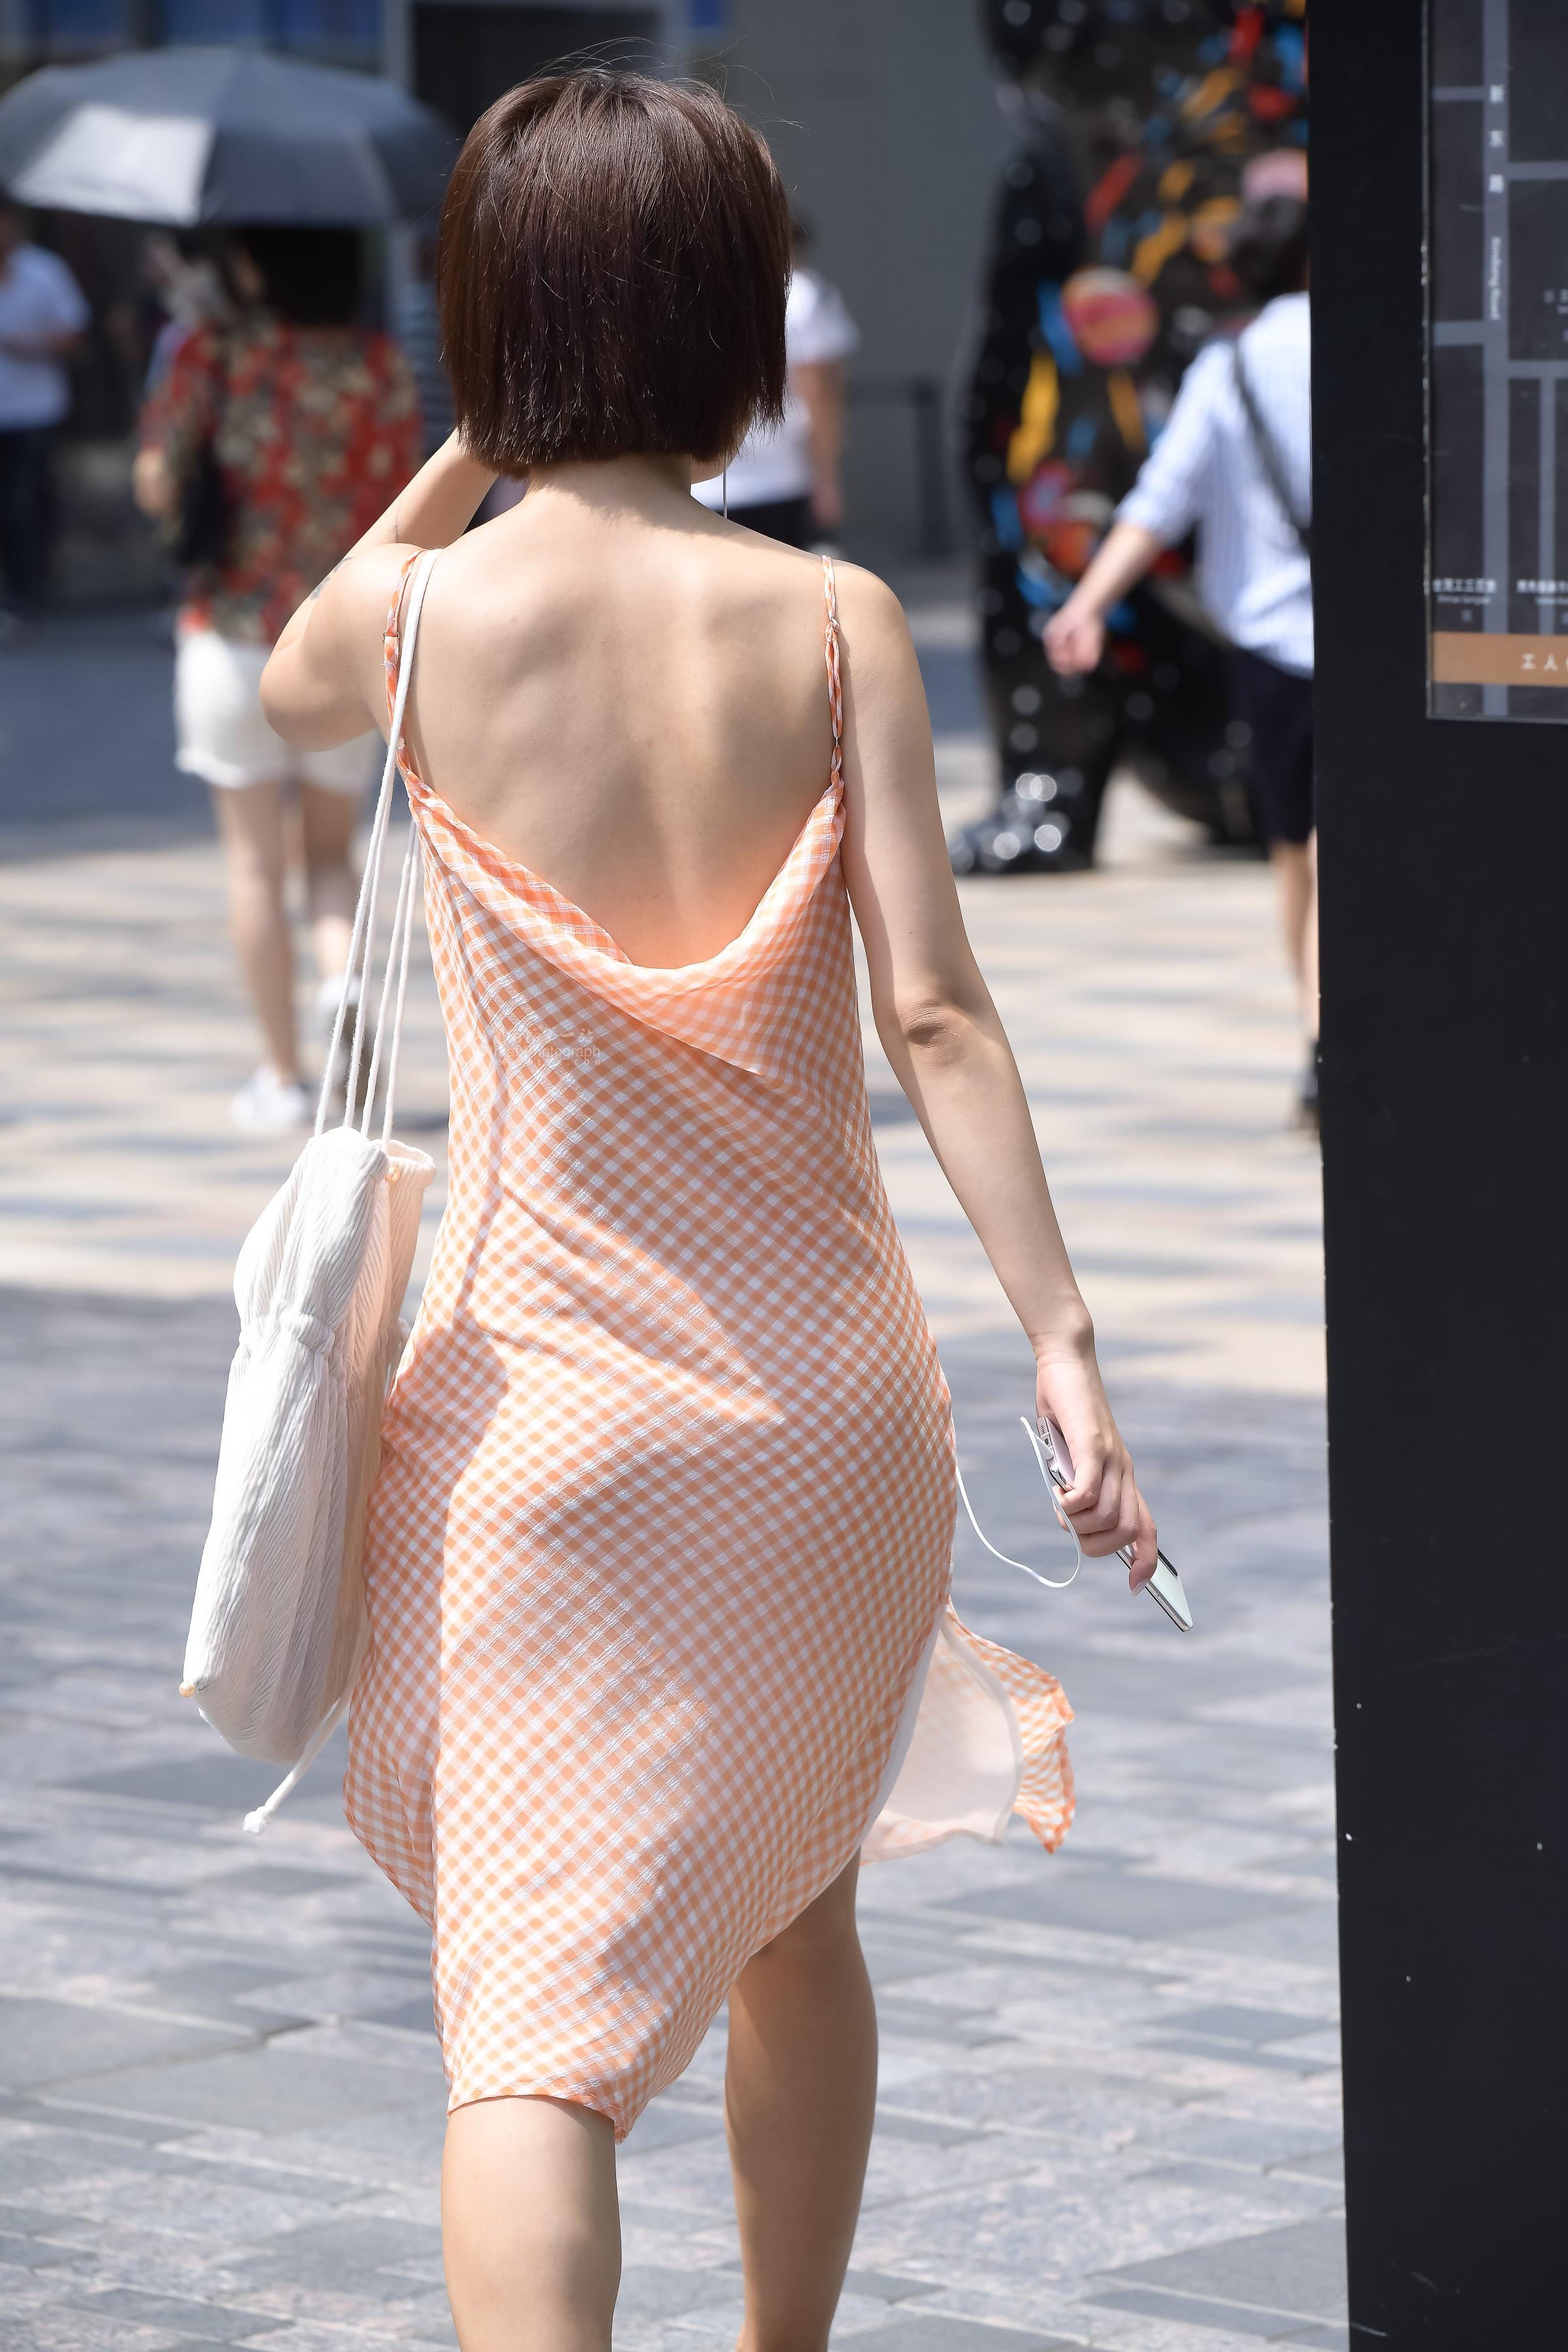 街拍高跟 高跟小仙女的露背裙子太美 最新街拍丝袜图片 街拍丝袜第一站